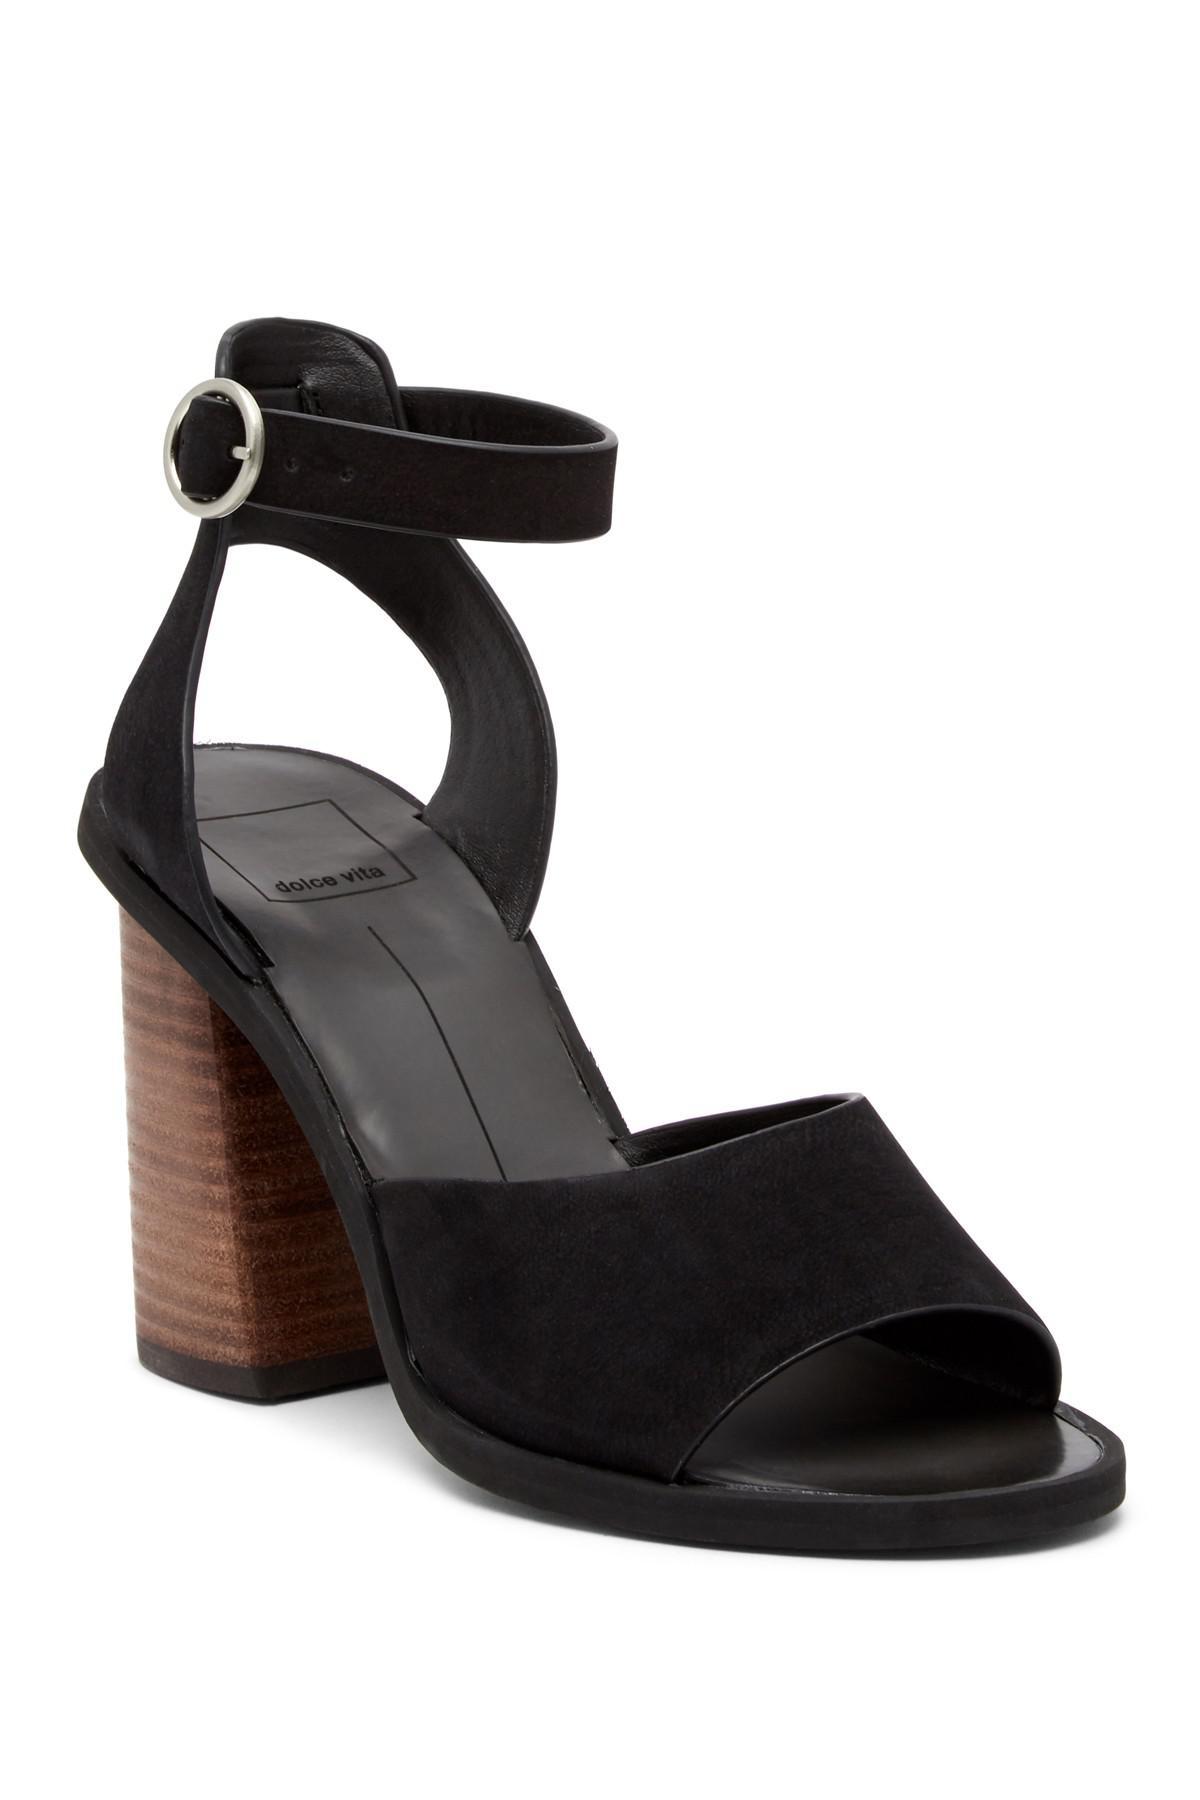 Dolce Vita Alana Ankle Strap Sandal X5hwqaS